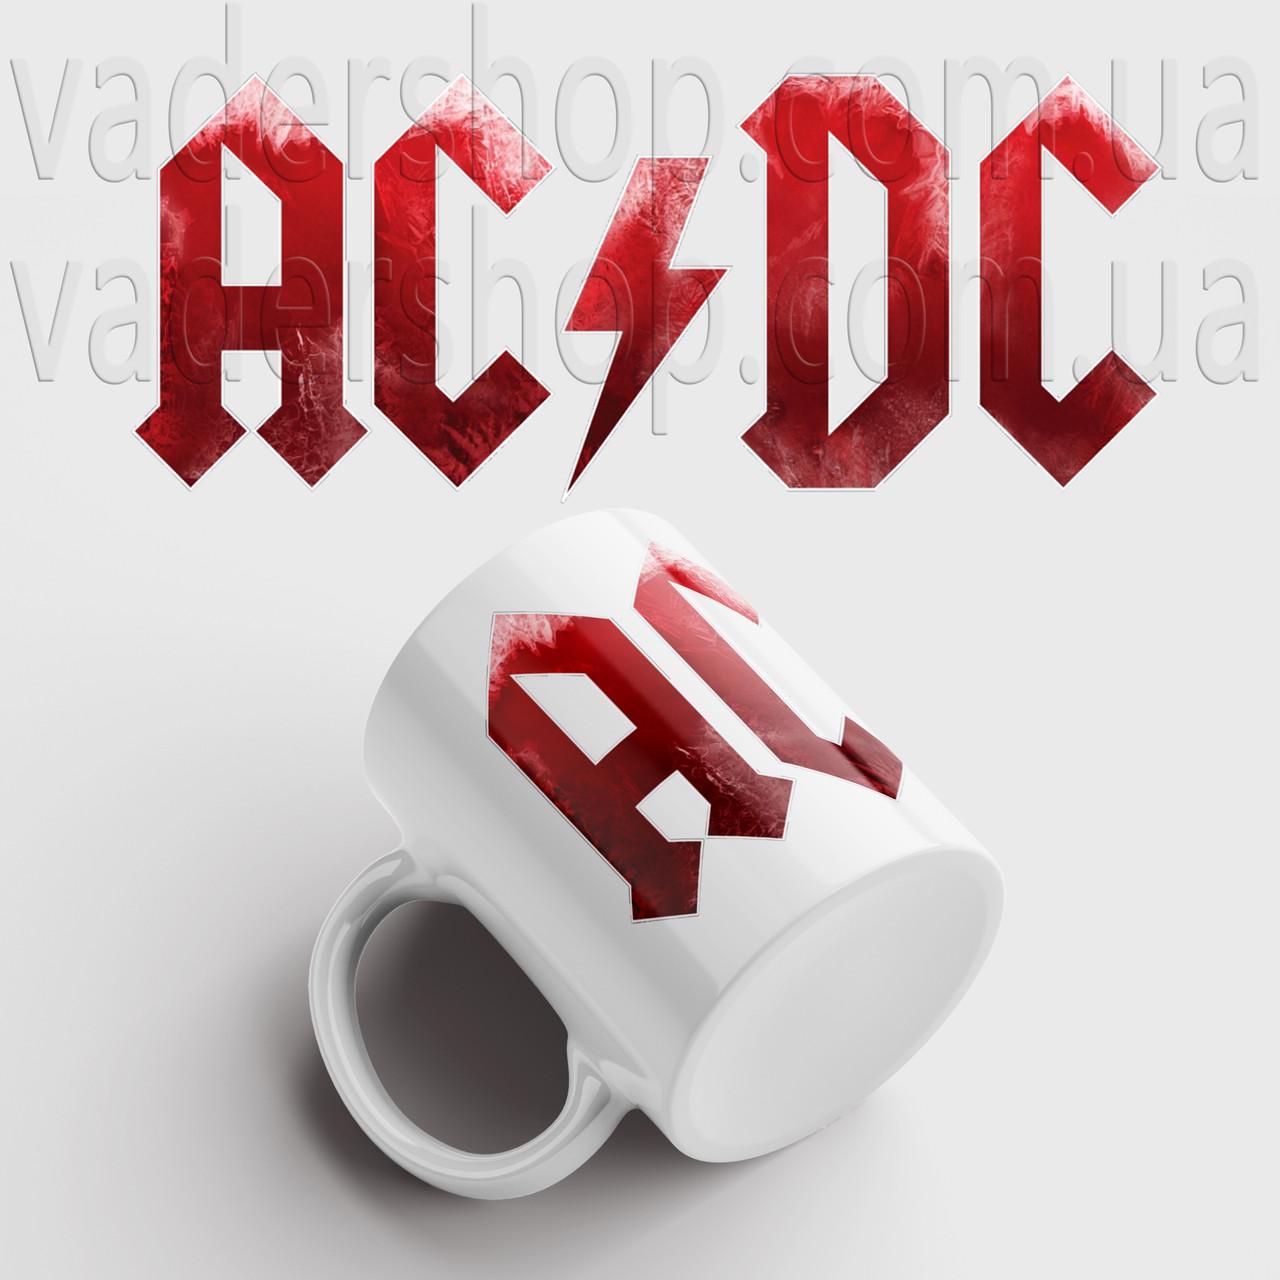 Чашка AC/DC. Рок Музыка. Rock. Чашка с фото ACDC